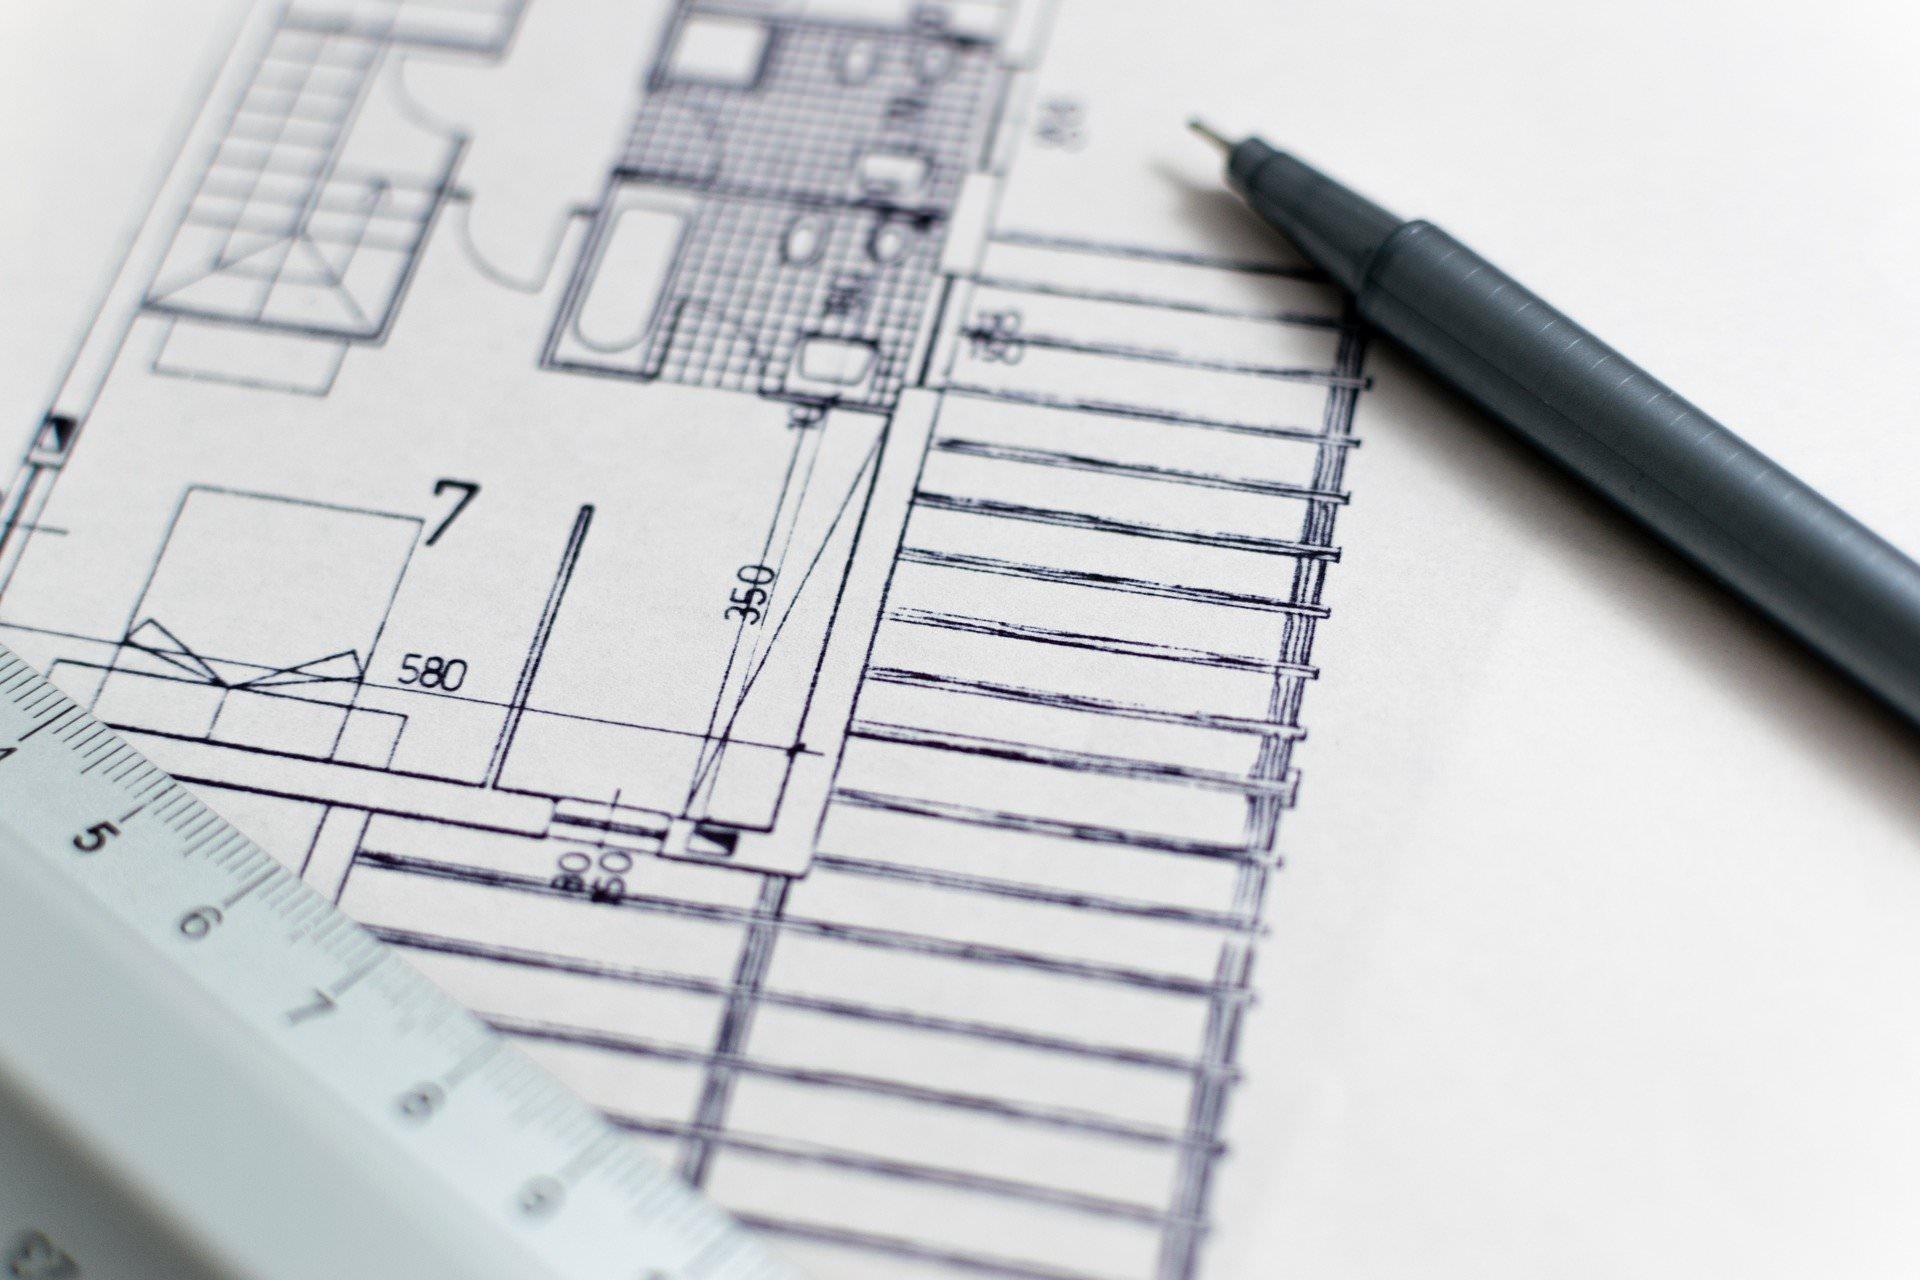 まとめ【木造建築士の受験資格は、学校を卒業すると早い】